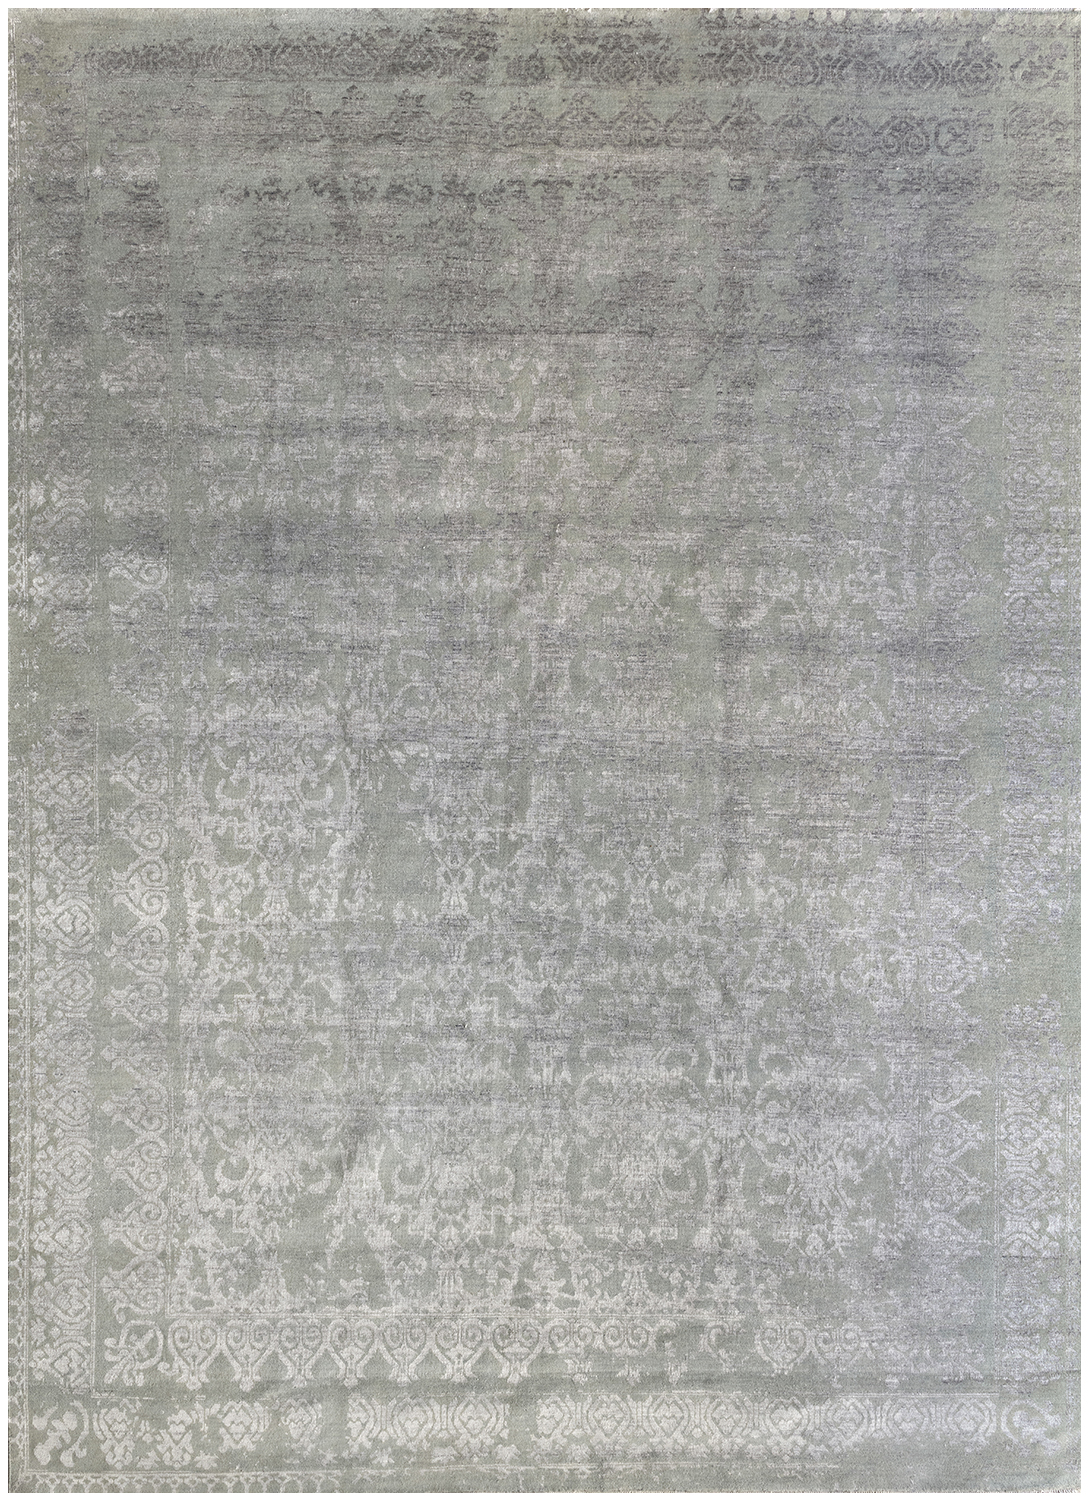 Alfombra Renaissance  DT 2381- Image 1